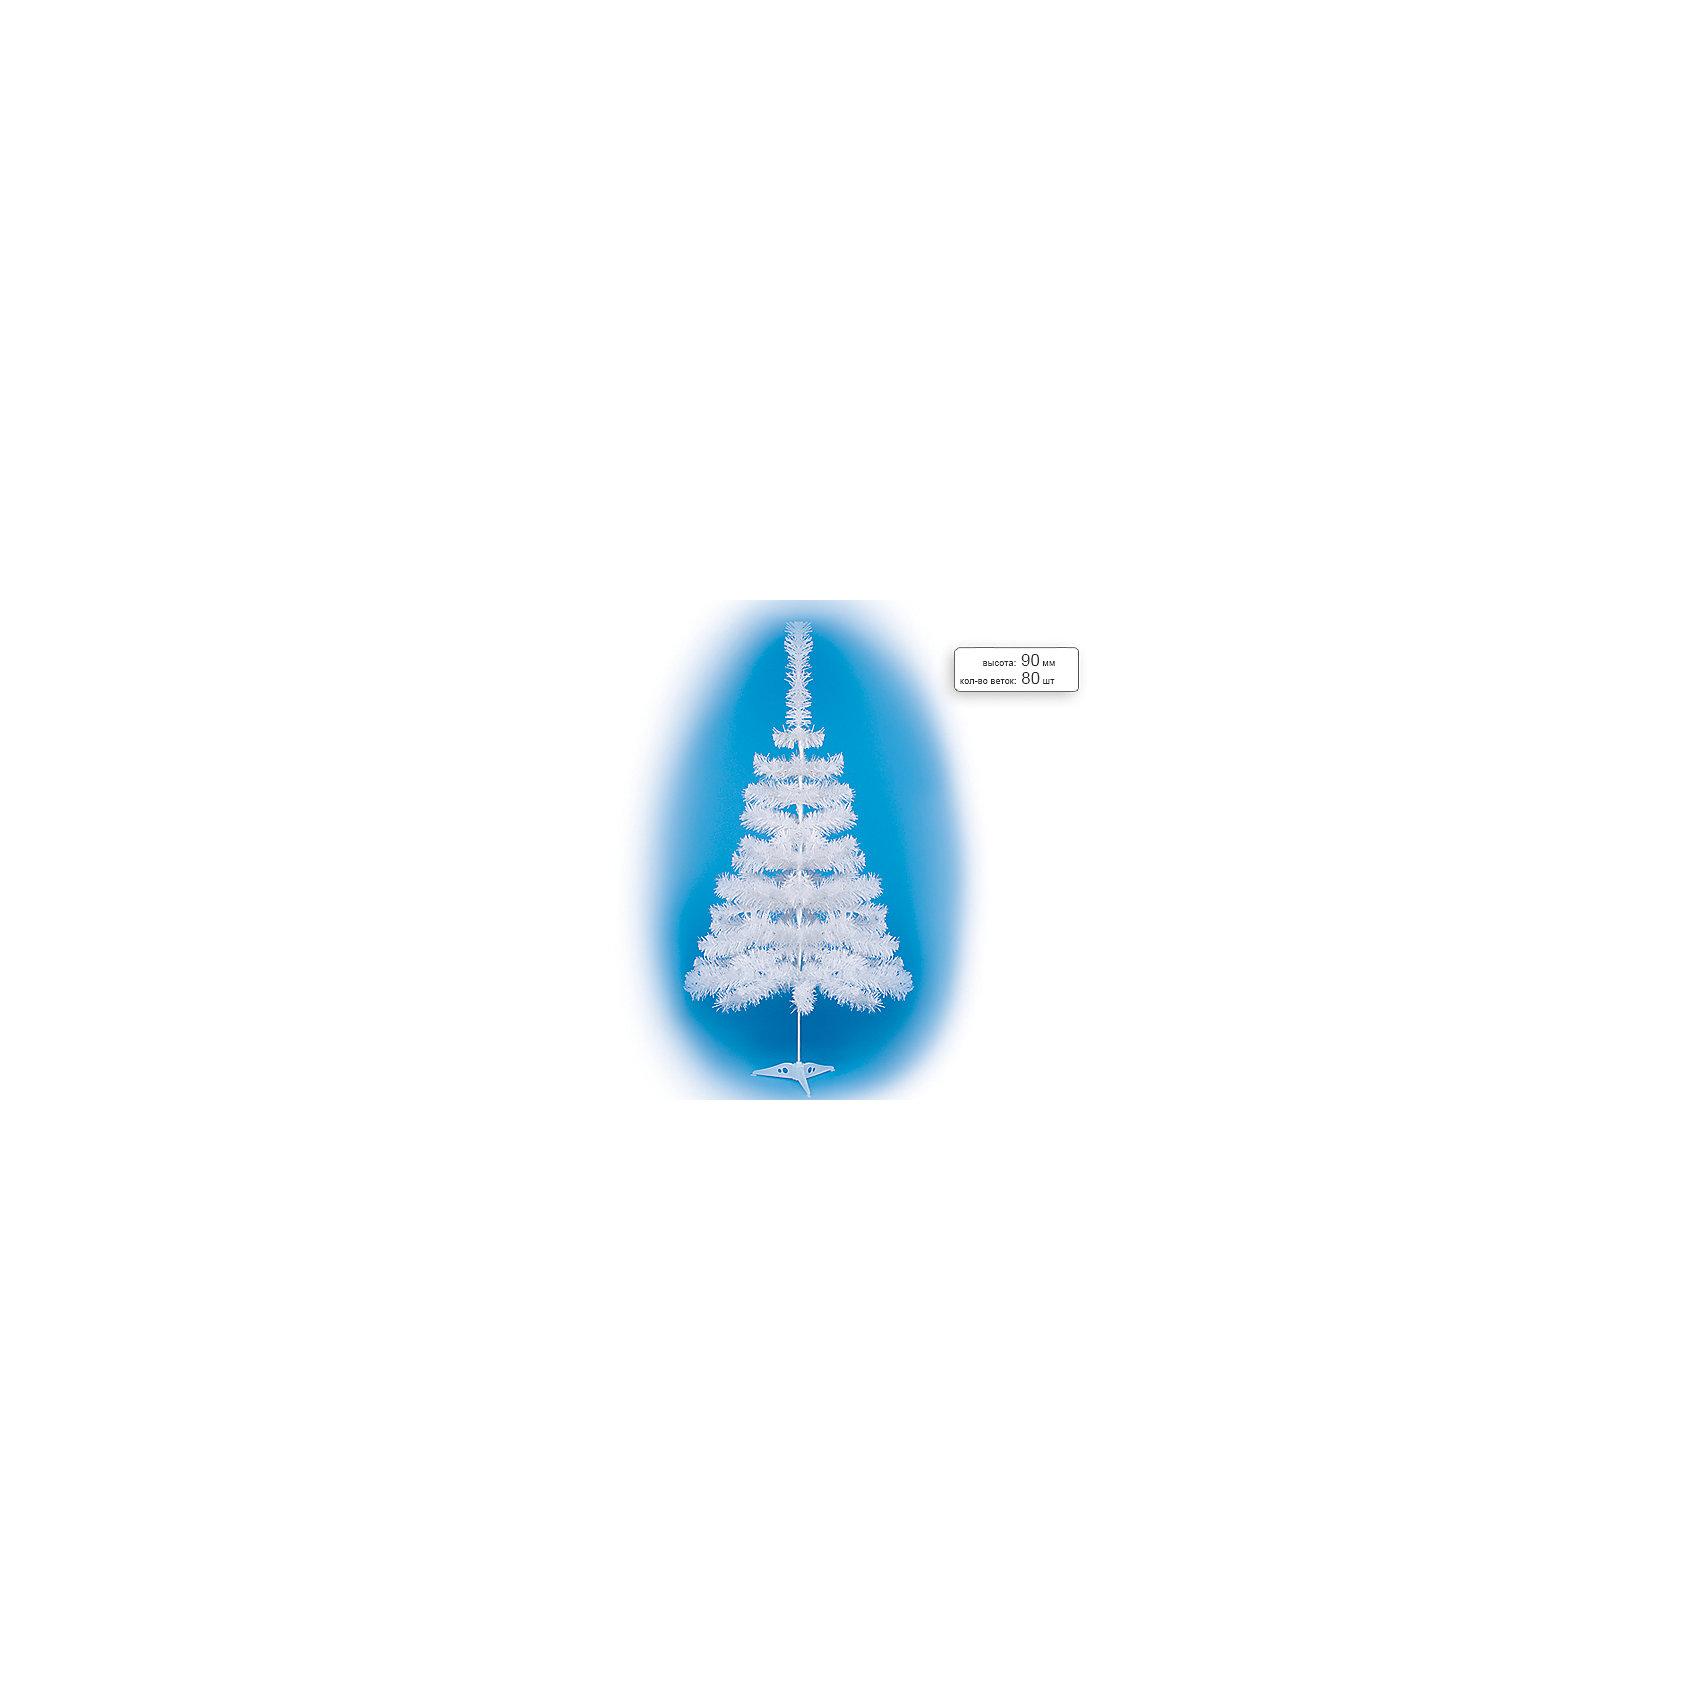 Елка искусственная белая, 90 смЕлка искусственная белая, 90 см, 80 веток<br><br>Ширина мм: 90<br>Глубина мм: 50<br>Высота мм: 50<br>Вес г: 1000<br>Возраст от месяцев: 72<br>Возраст до месяцев: 540<br>Пол: Унисекс<br>Возраст: Детский<br>SKU: 5159008